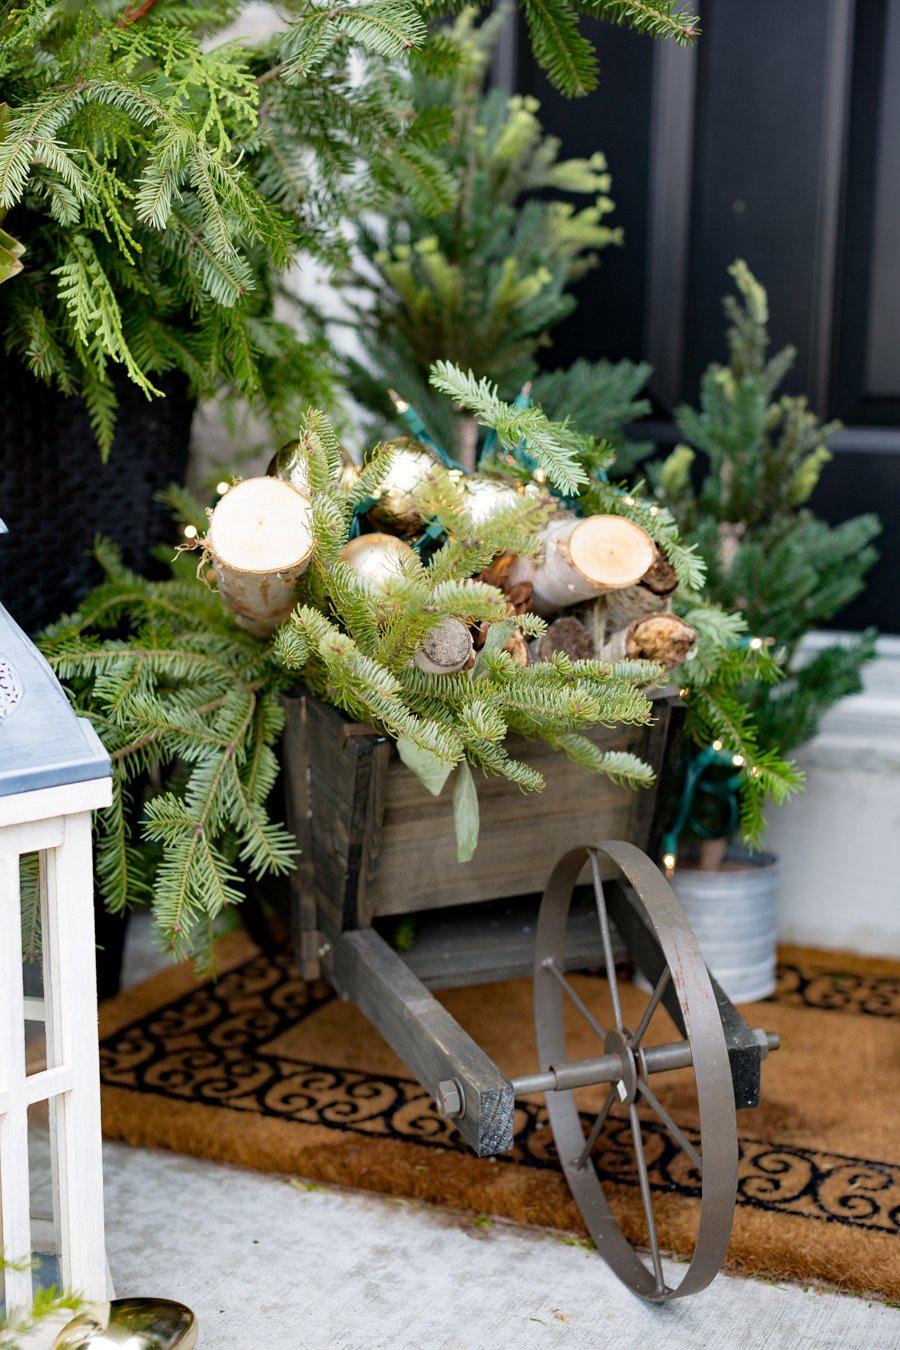 Kreative Ideen für Weihnachtsdeko draußen: Fuhrwerk mit Brennholz als Weihnachtsdeko draußen